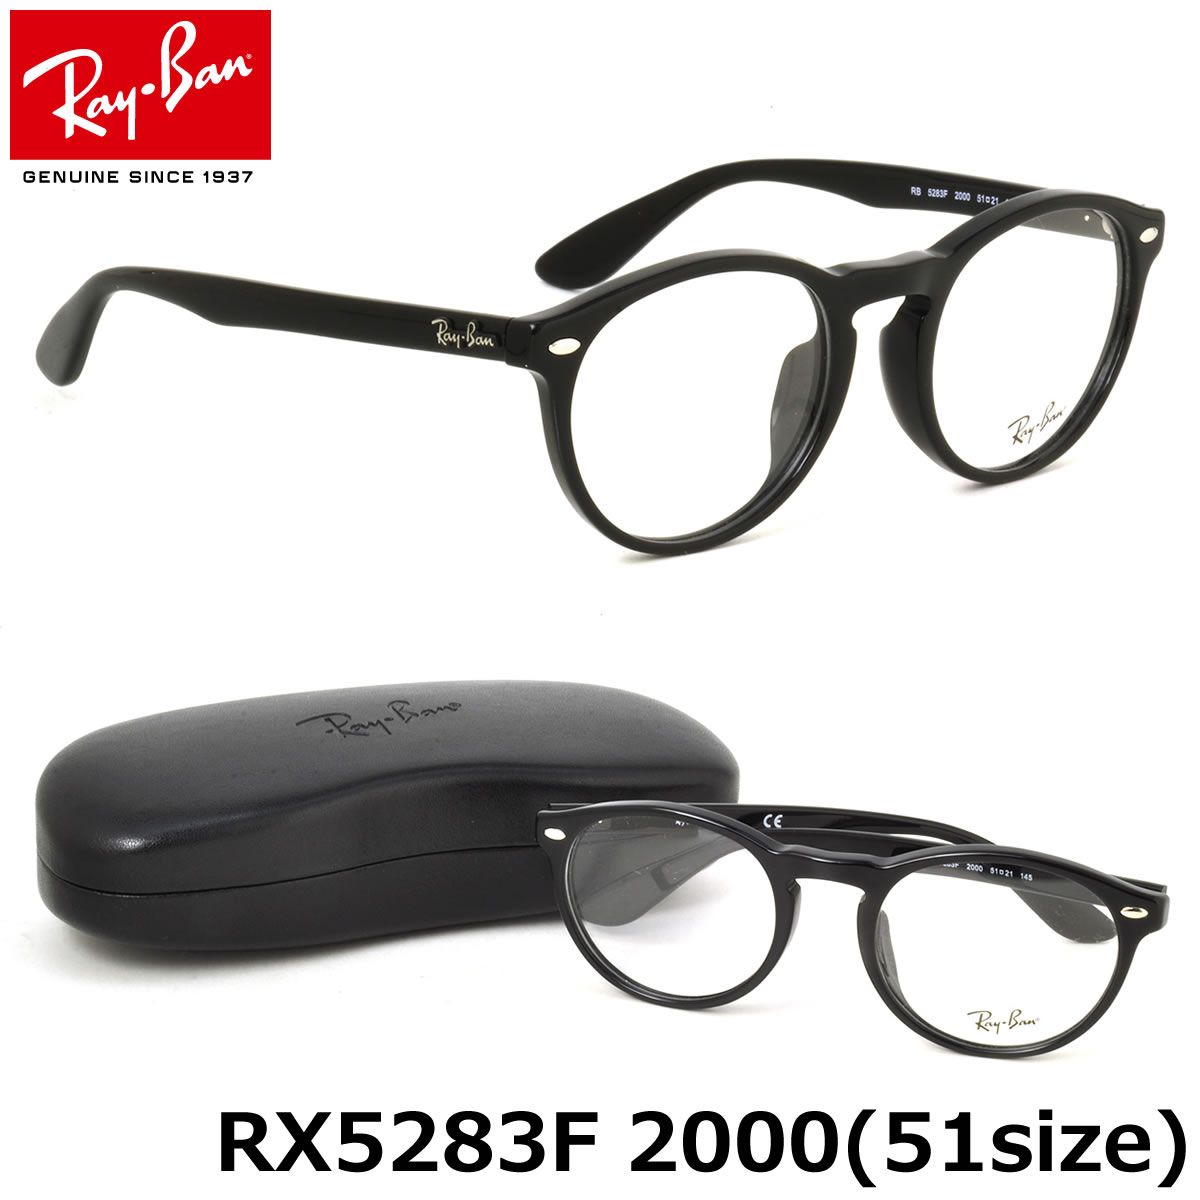 ほぼ全品ポイント15倍~最大43倍+3倍!お得なクーポンも! レイバン メガネ フレーム Ray-Ban RX5283F 2000 51サイズ ラウンド 丸メガネ フレーム ROUND フルフィット レイバン RAYBAN メンズ レディース